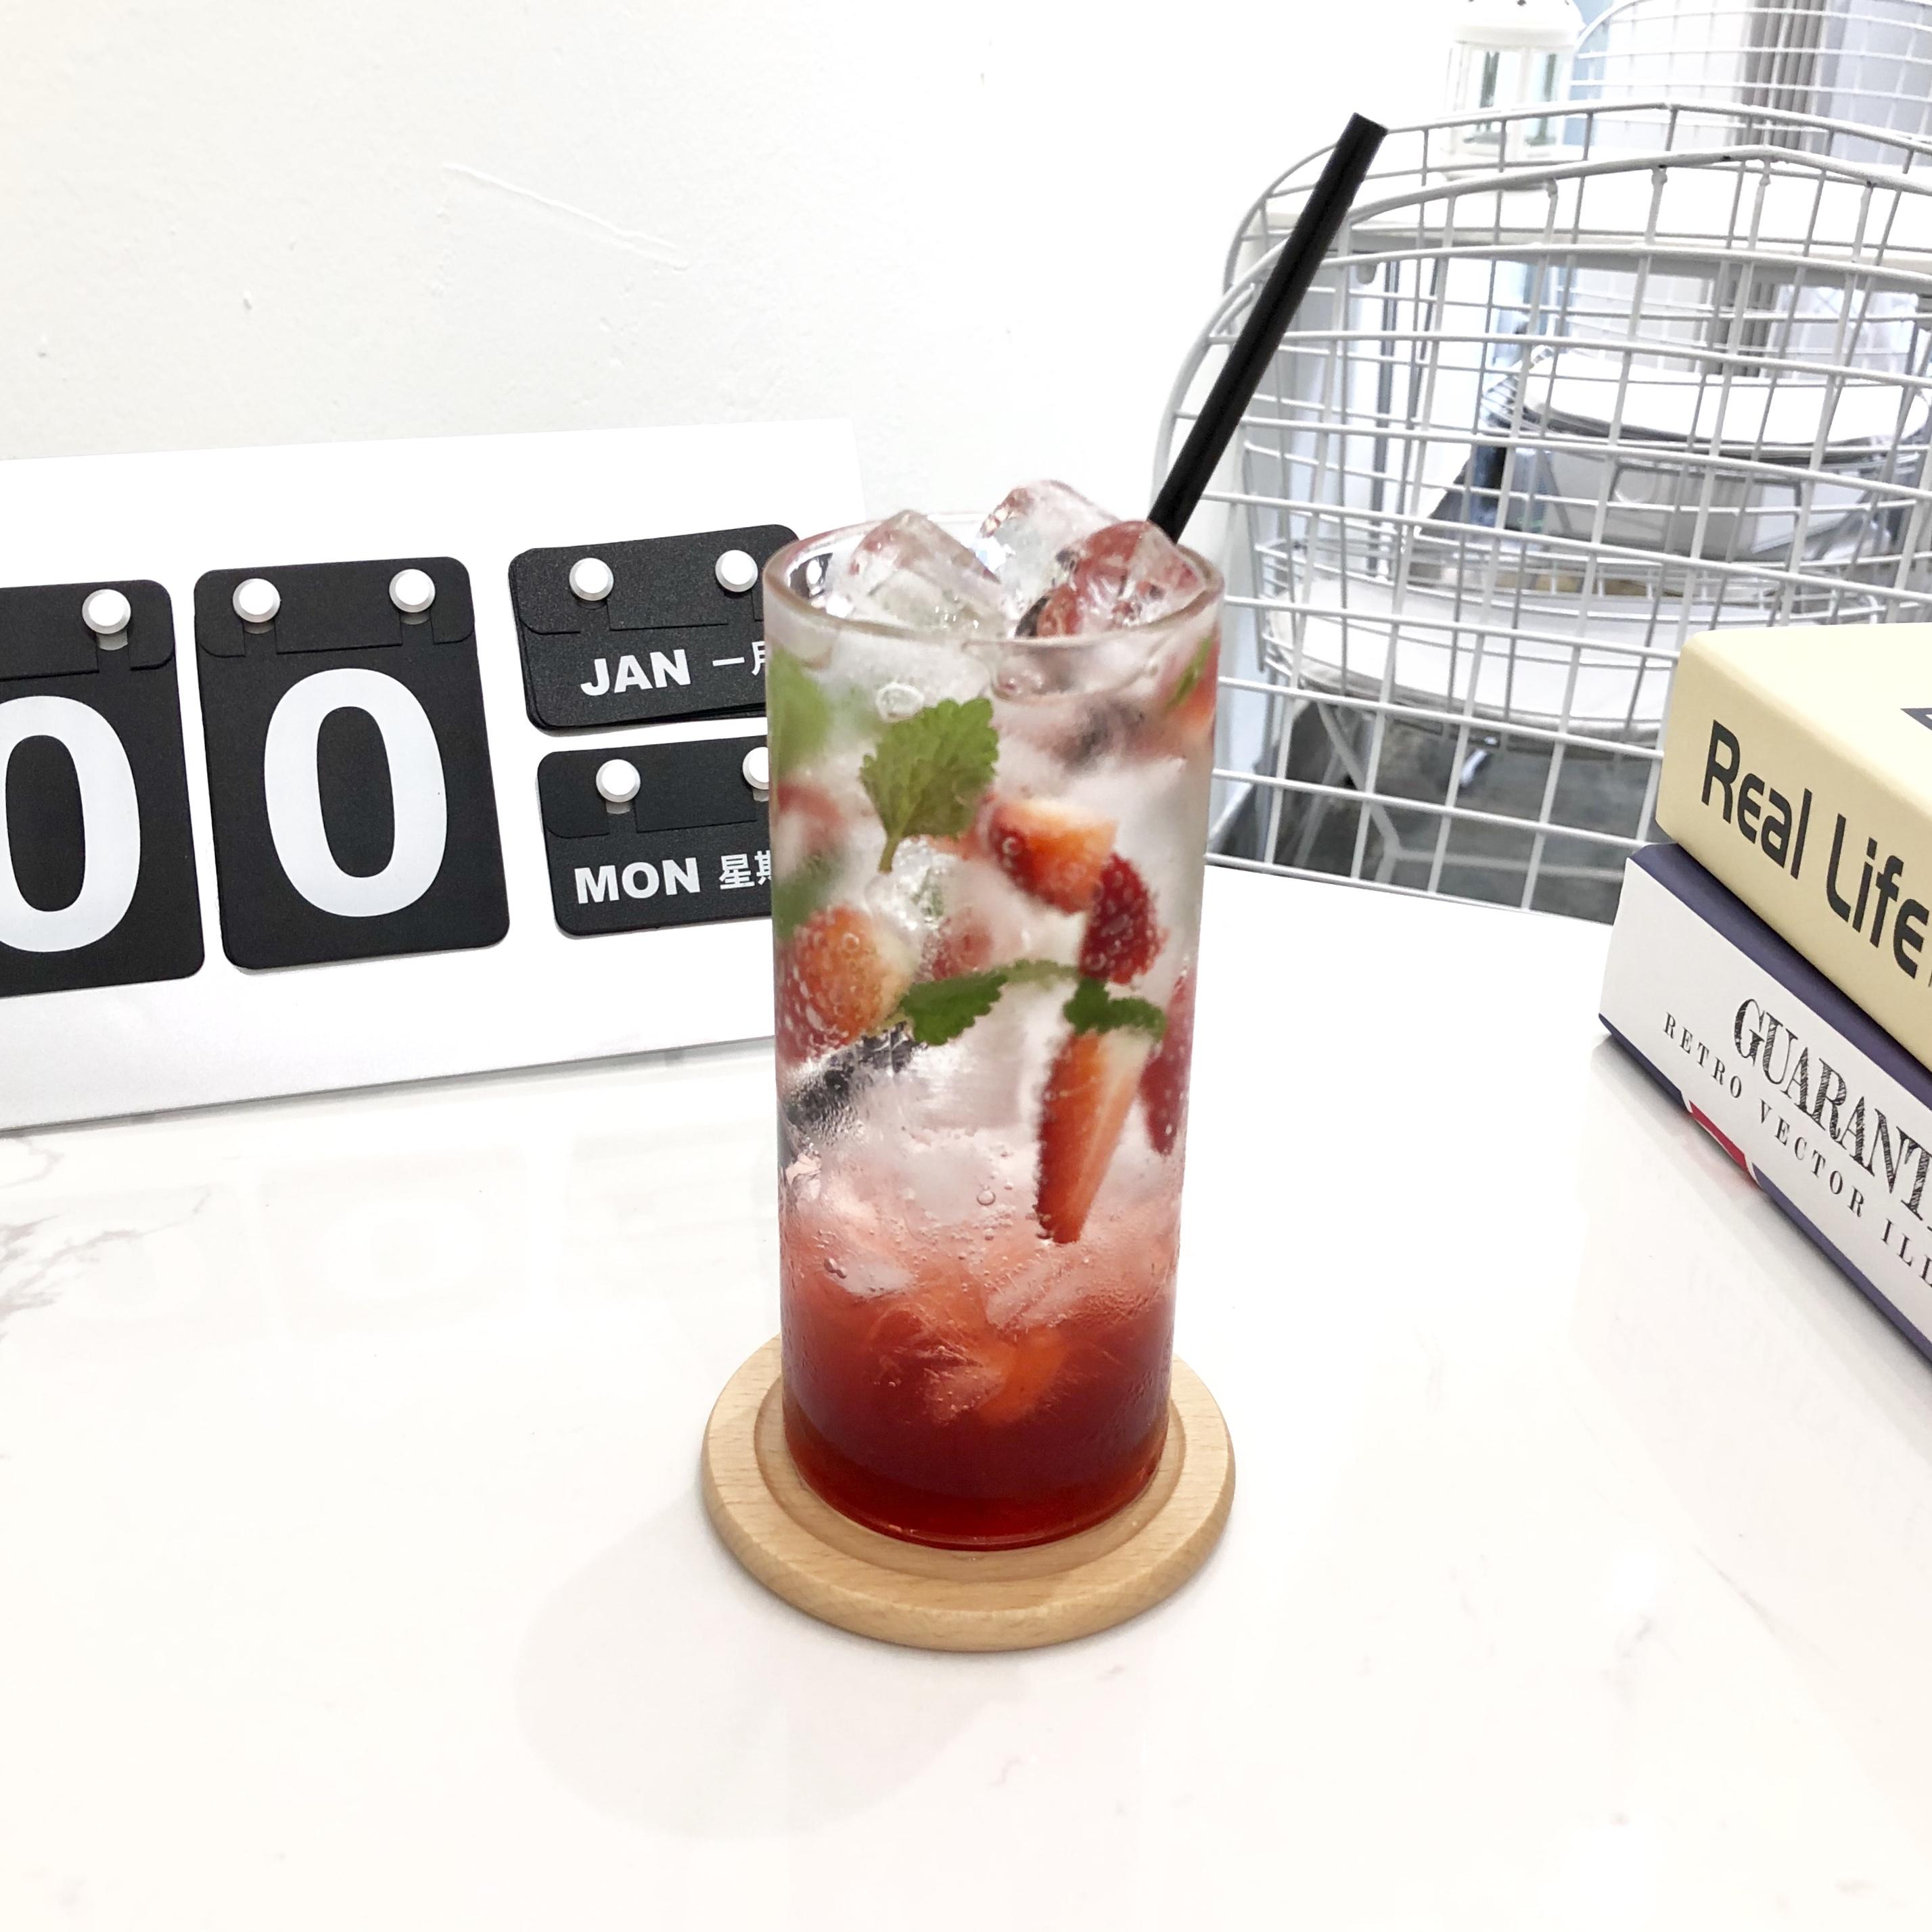 网红玻璃杯ins风 北欧简约圆形杯 网红高颜值饮品杯气泡水杯冷饮图片